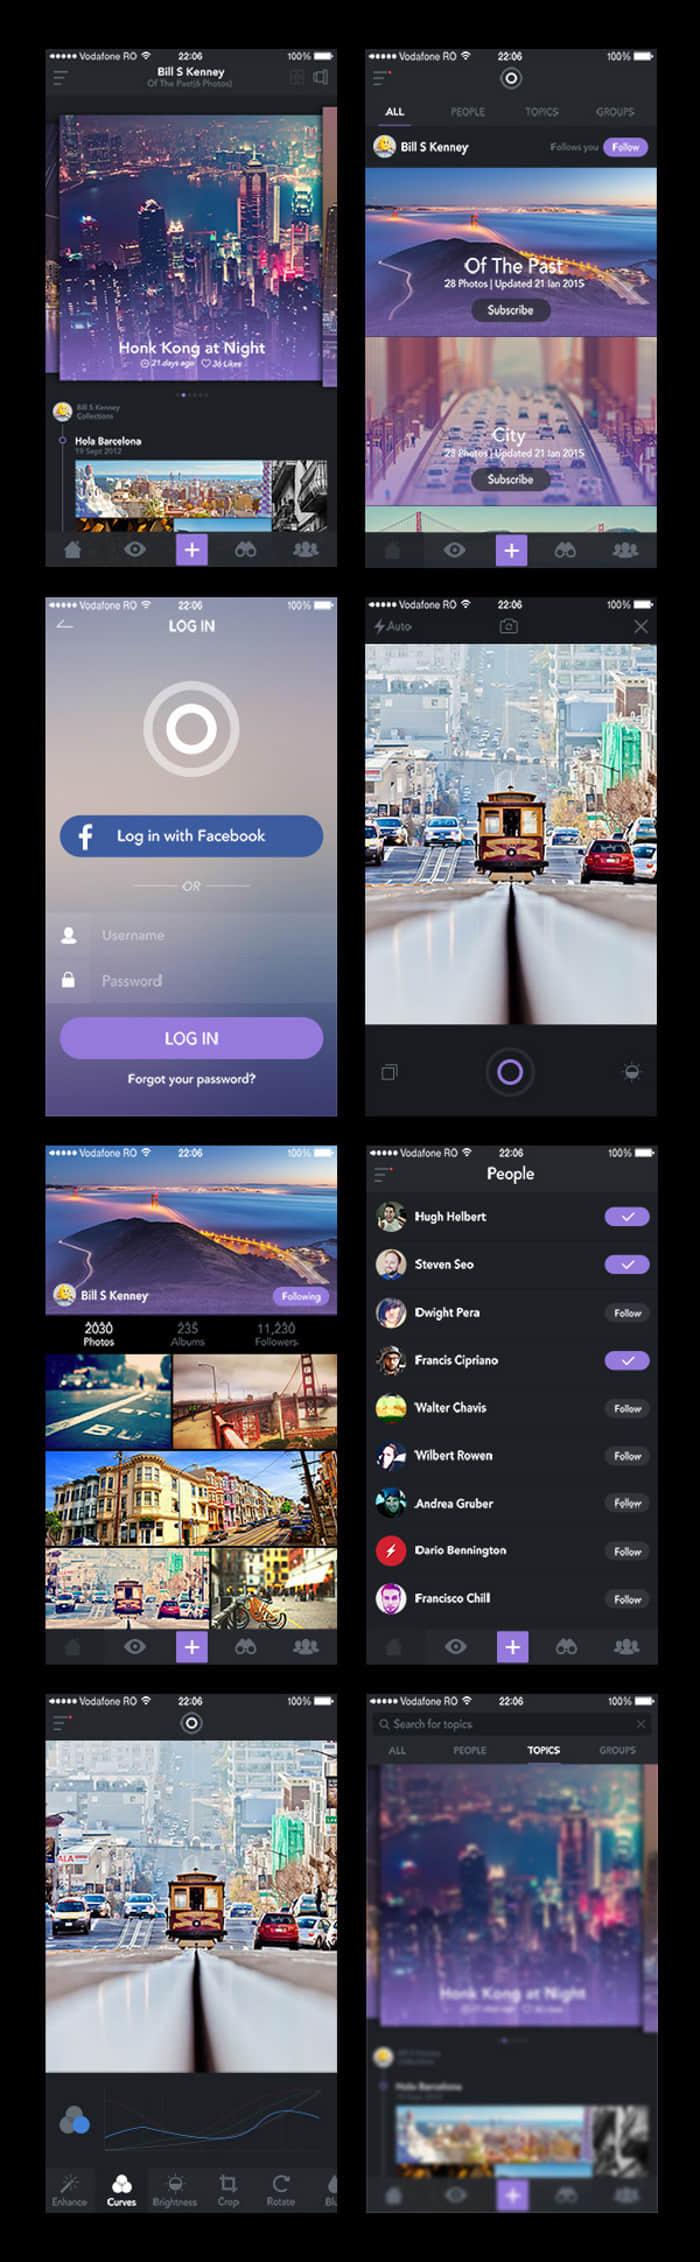 酷黑紫色调手机照片程序App UI界面设计分享PSD源文件下载